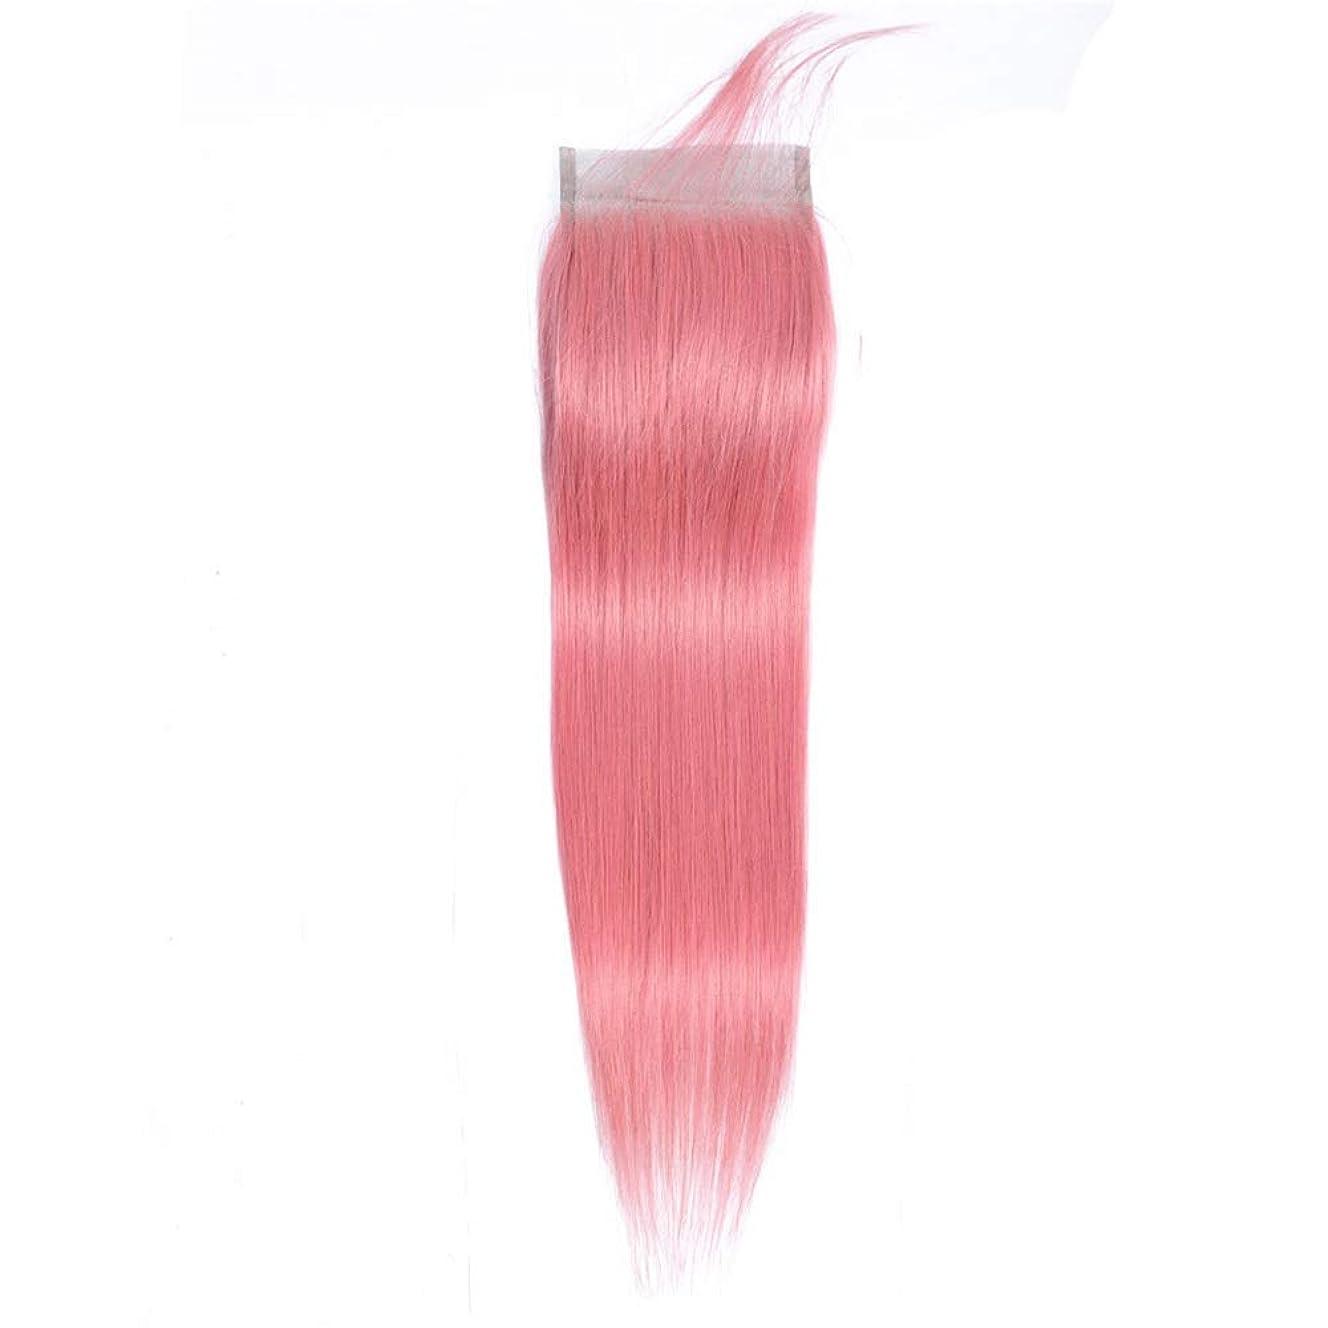 立法ミット広くBOBIDYEE レースの閉鎖無料パート4 * 4レースの正面閉鎖(10インチ-16インチ)ファッションウィッグとピンクの100%人毛ブラジルストレートヘア (色 : ピンク, サイズ : 12 inch)